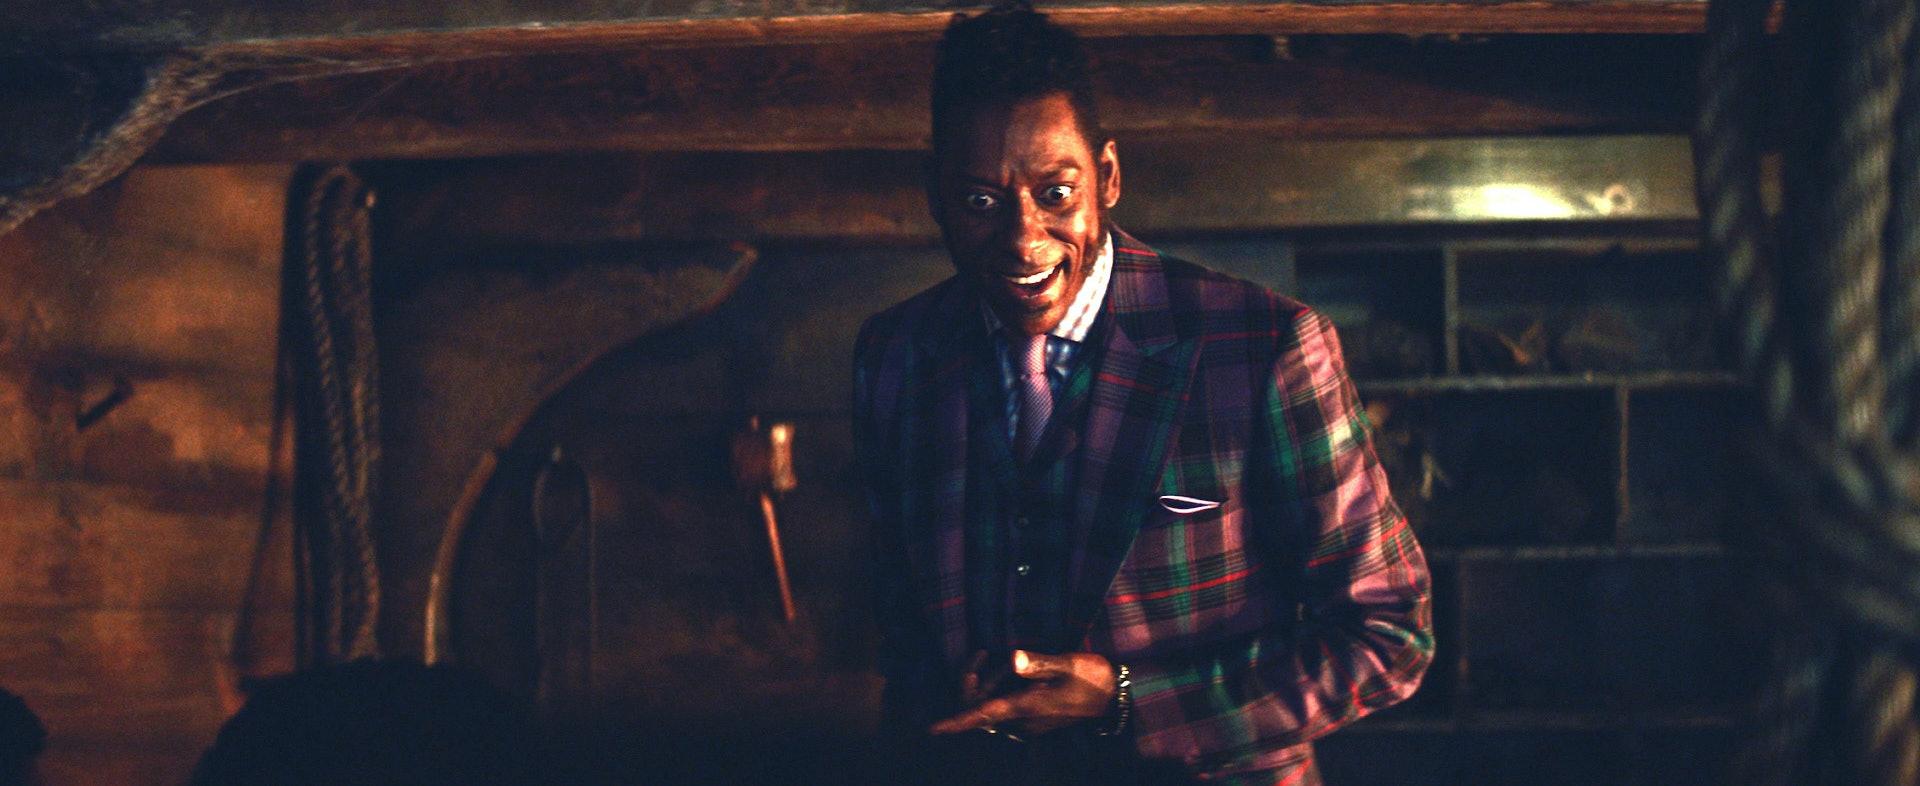 Orlando Jones as Anansi or Mr. Nancy in 'American Gods'